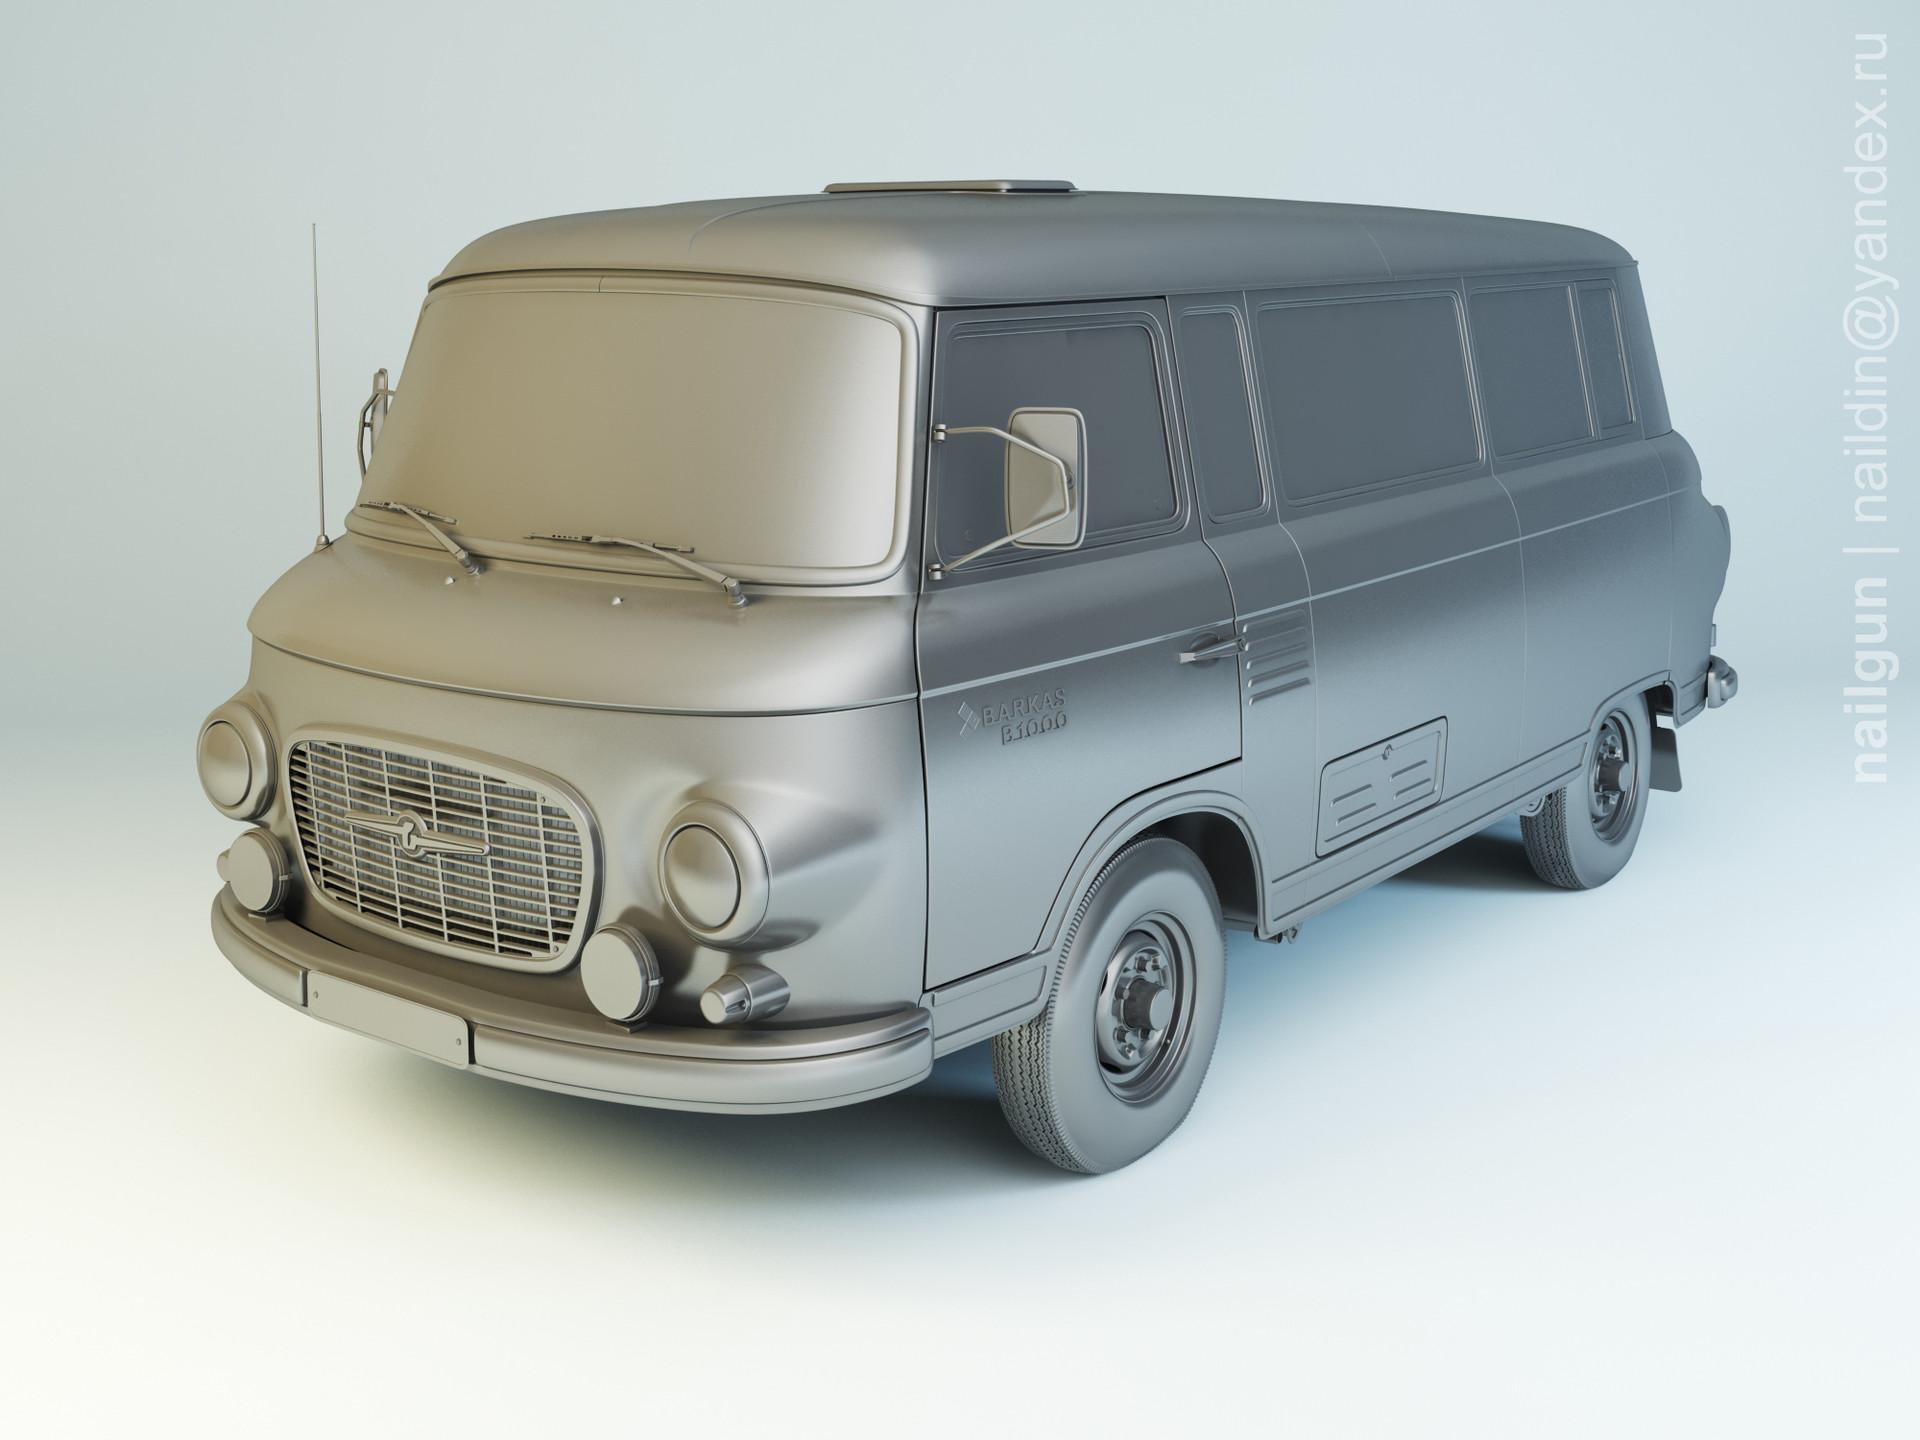 Nail khusnutdinov pwc 063 000 barkas b1000 modelling 0